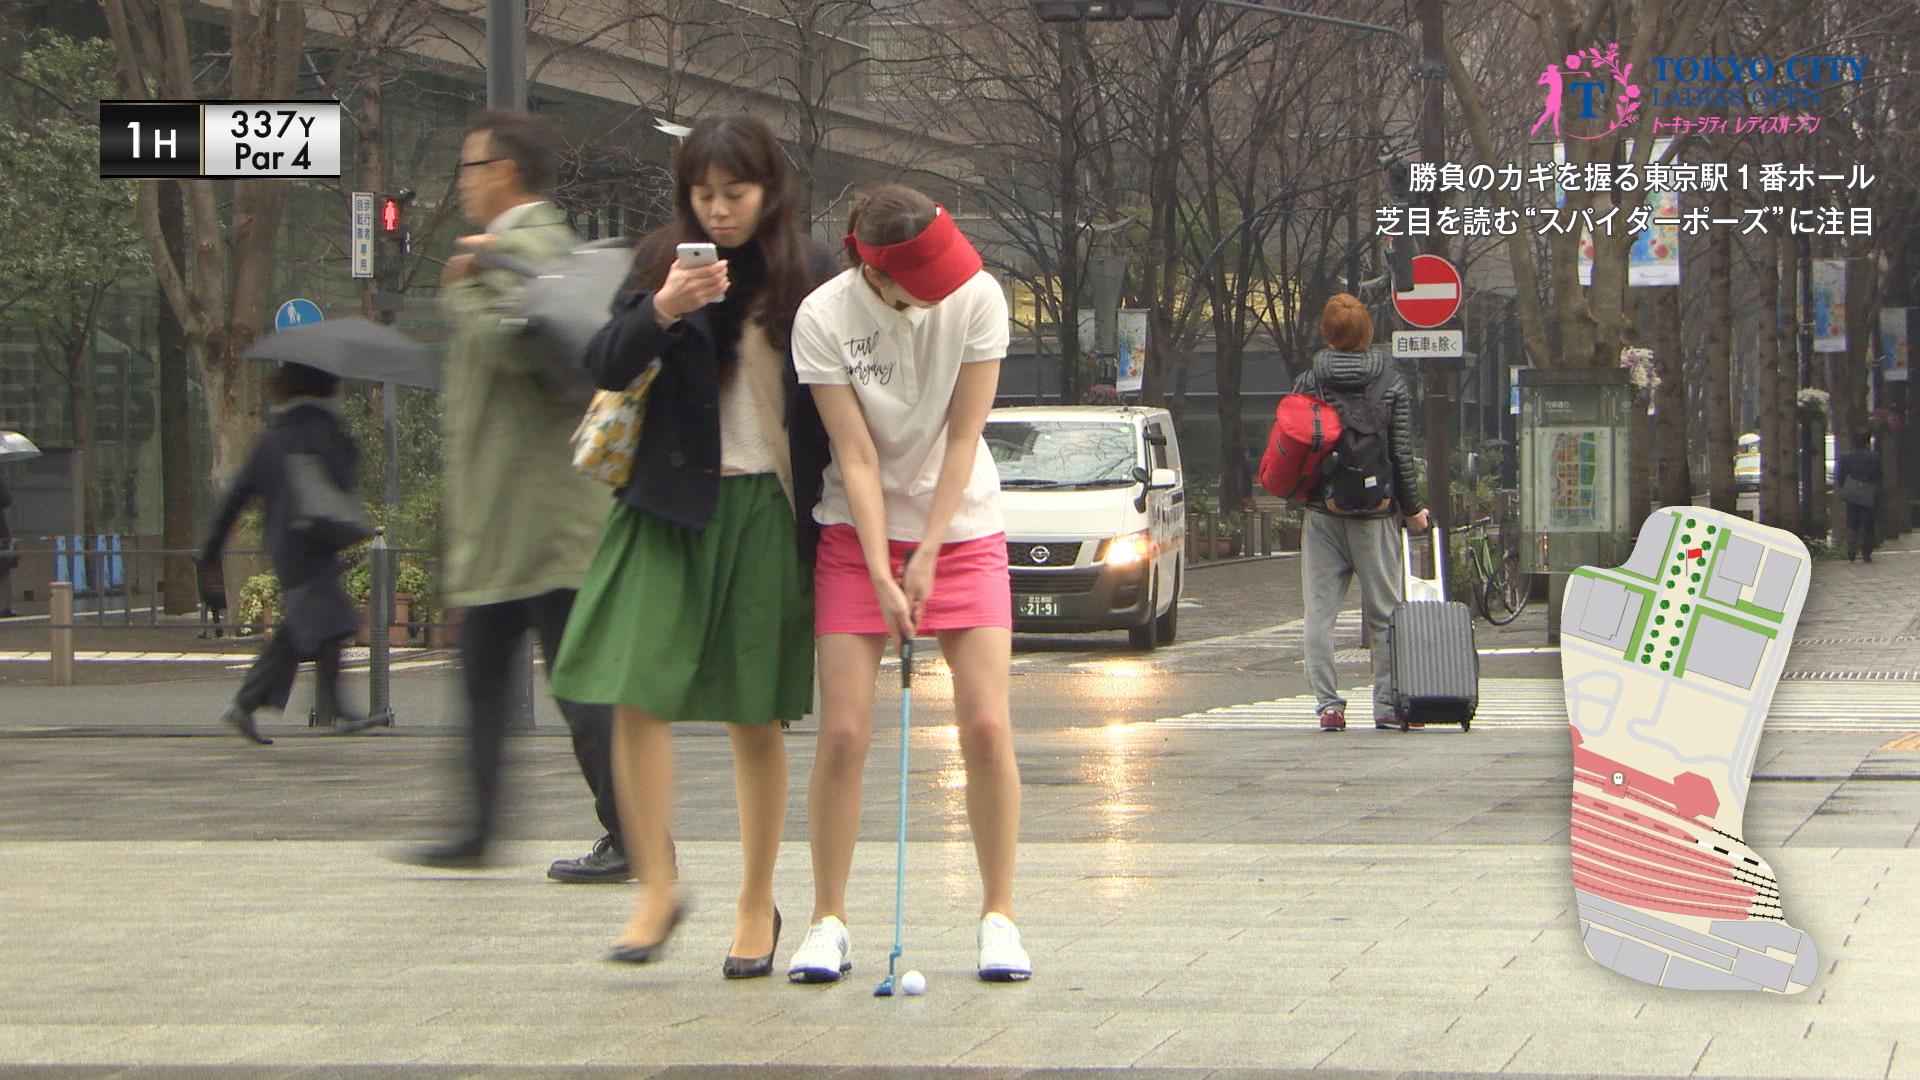 【前代未聞】東京の観光名所で行われる女子ゴルフツアーが難関すぎ!「歩きスマホ」にぶつかって失点、屋形船のビールジョッキにホールインワンなど…